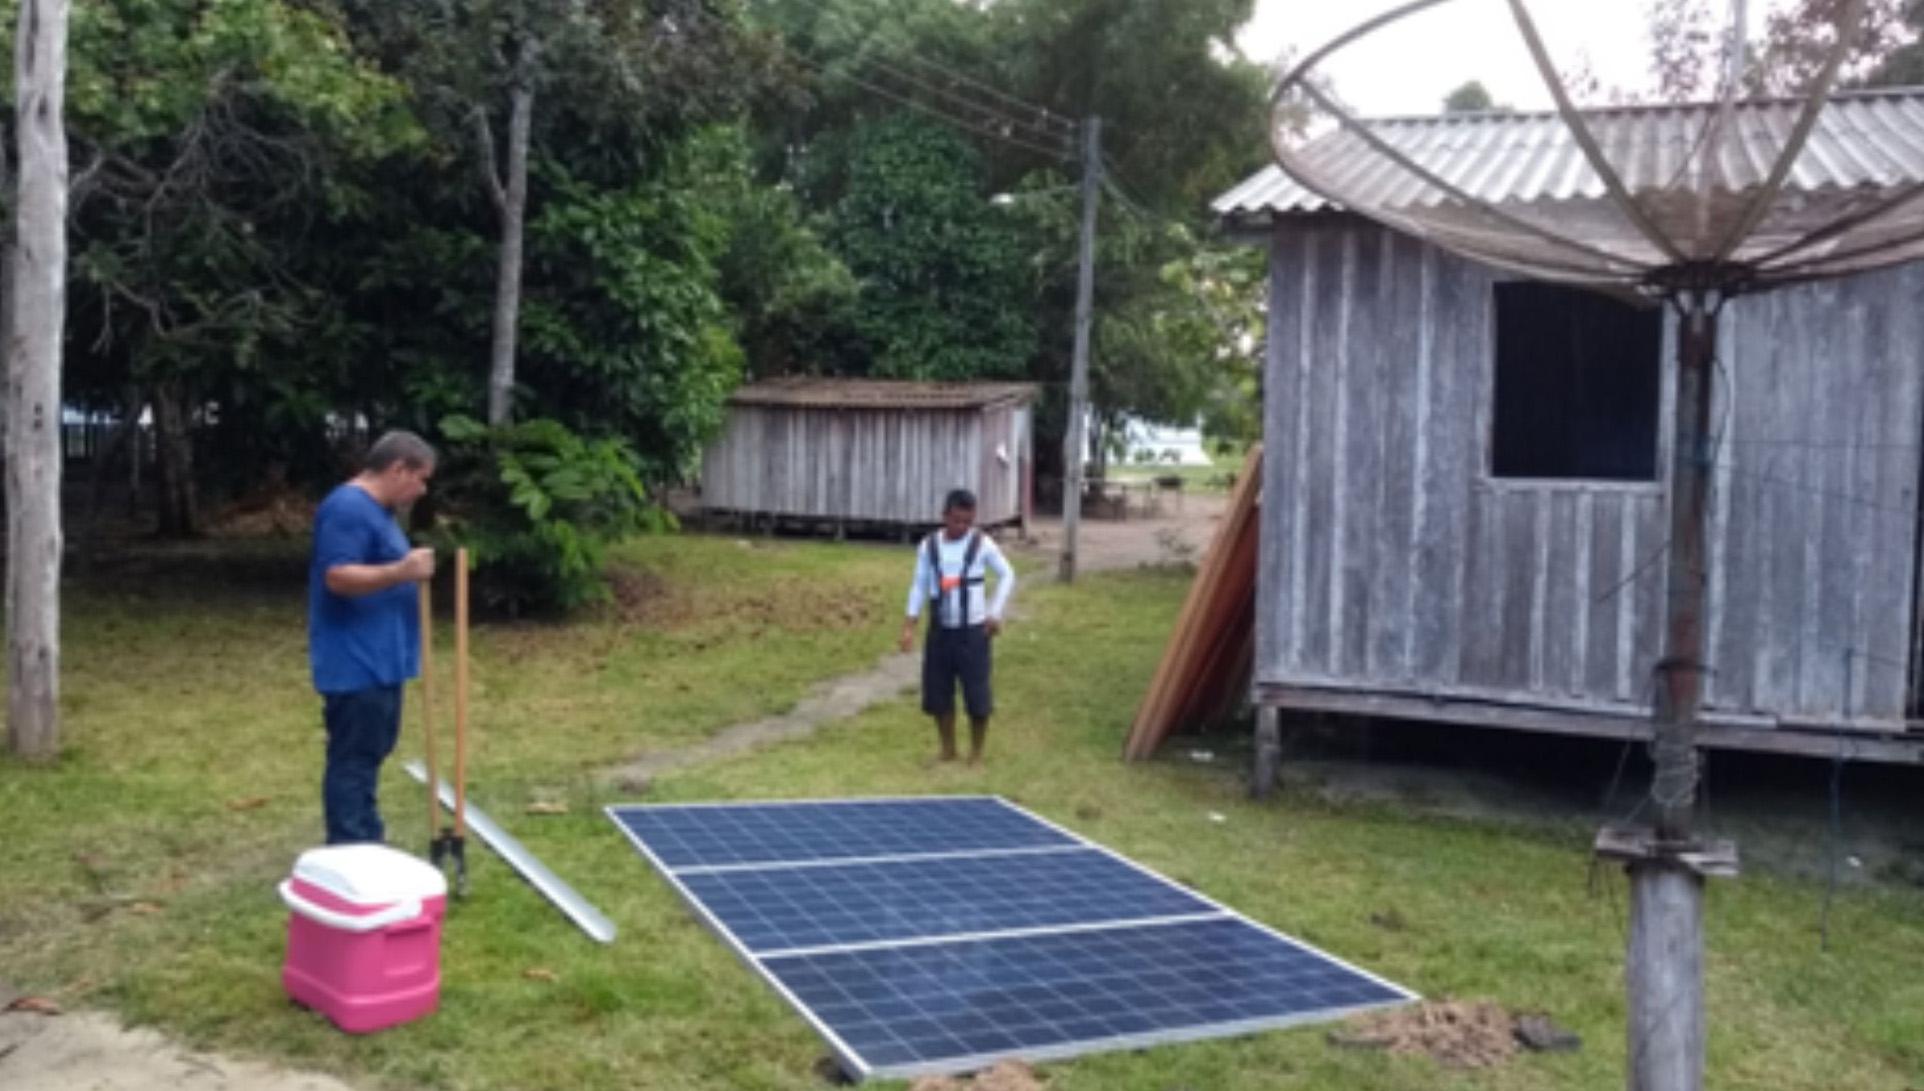 Engenharia Elétrica instala painéis solares em comunidade isolada no Rio Cuieiras